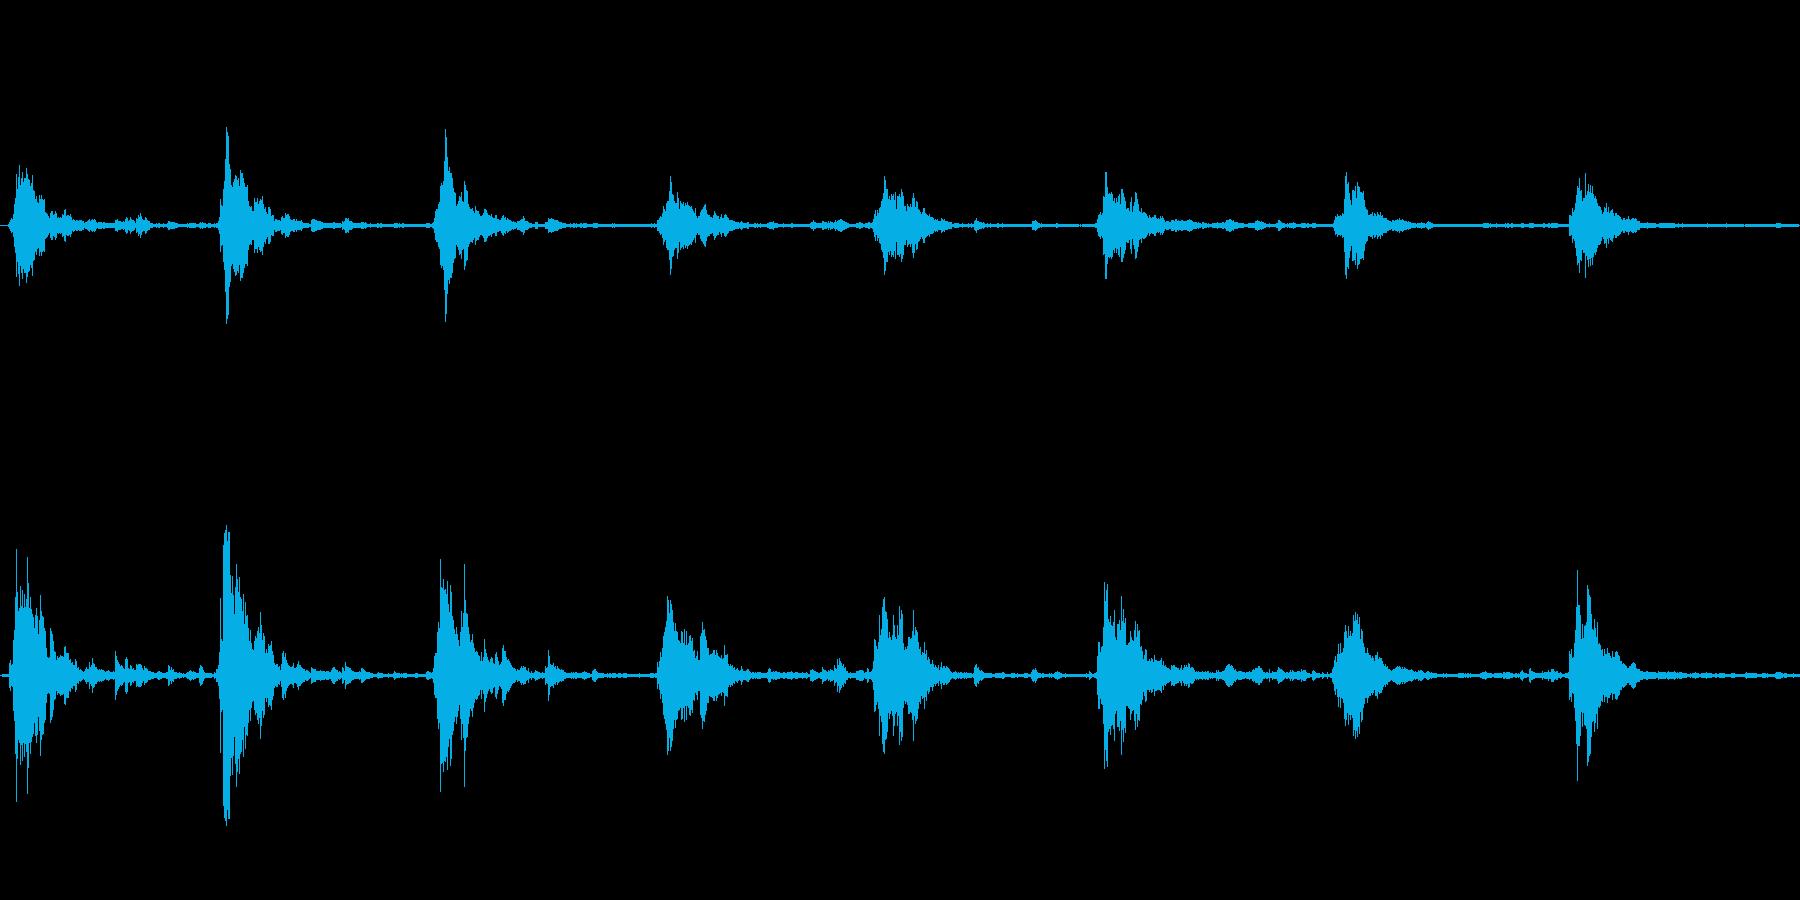 スレイベルの音の再生済みの波形